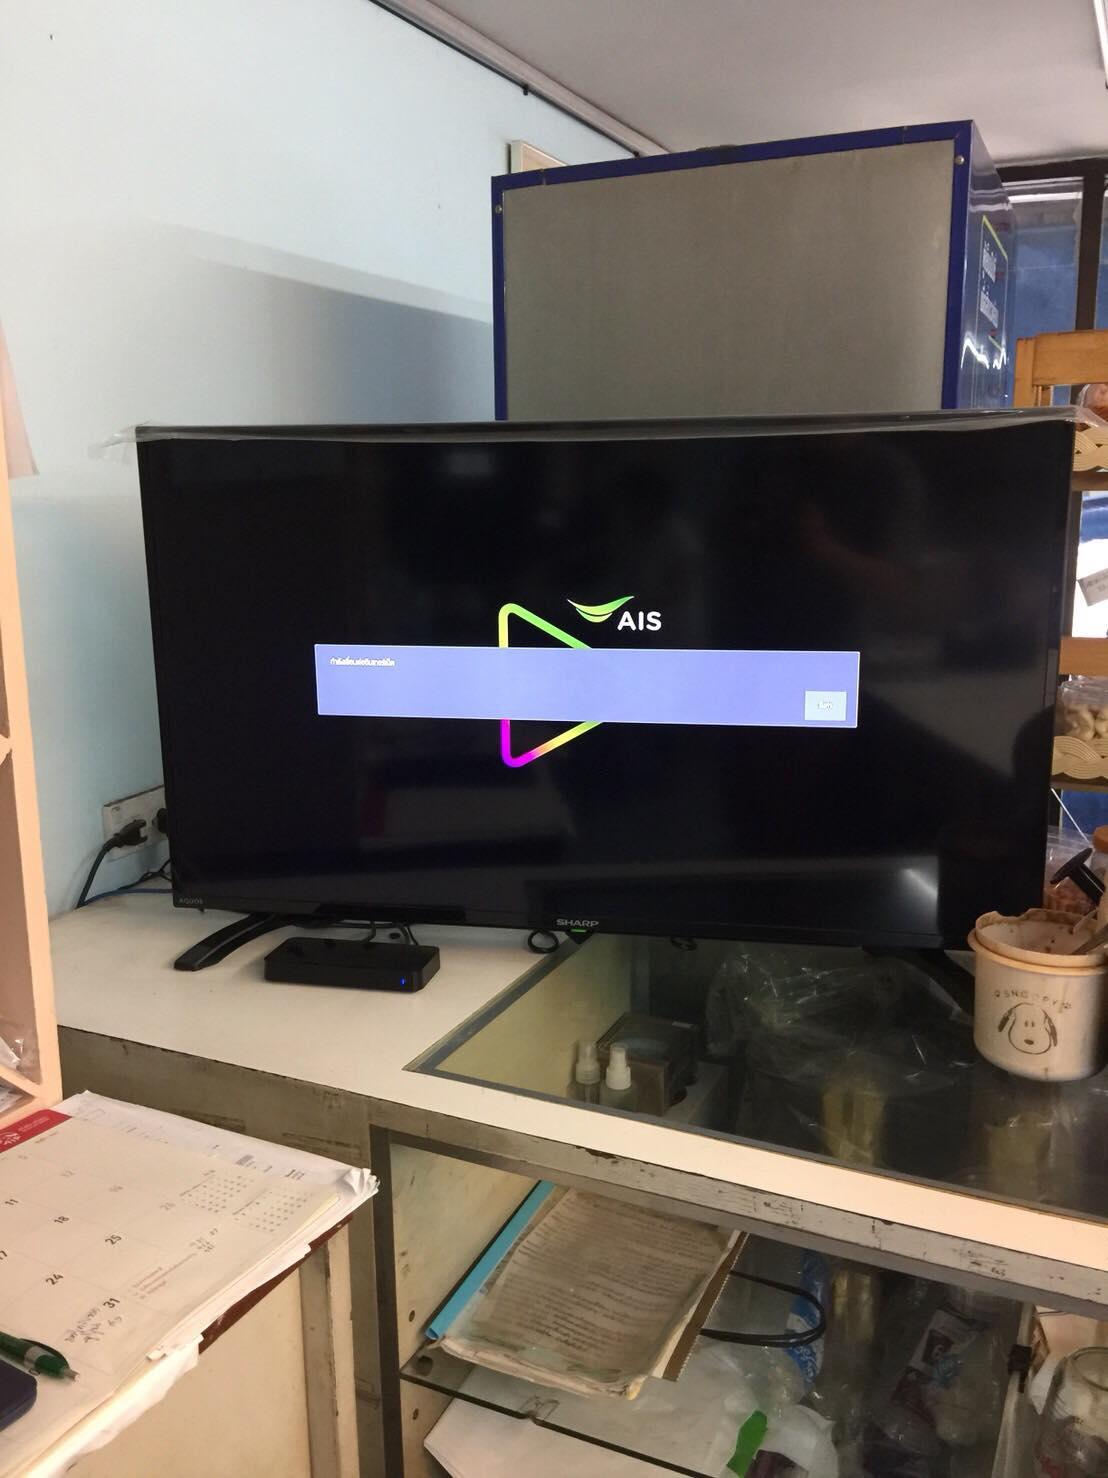 ผมมีปัญหากับ Firmware ตัวใหม่ของ AIS Playbox ครับ - Pantip